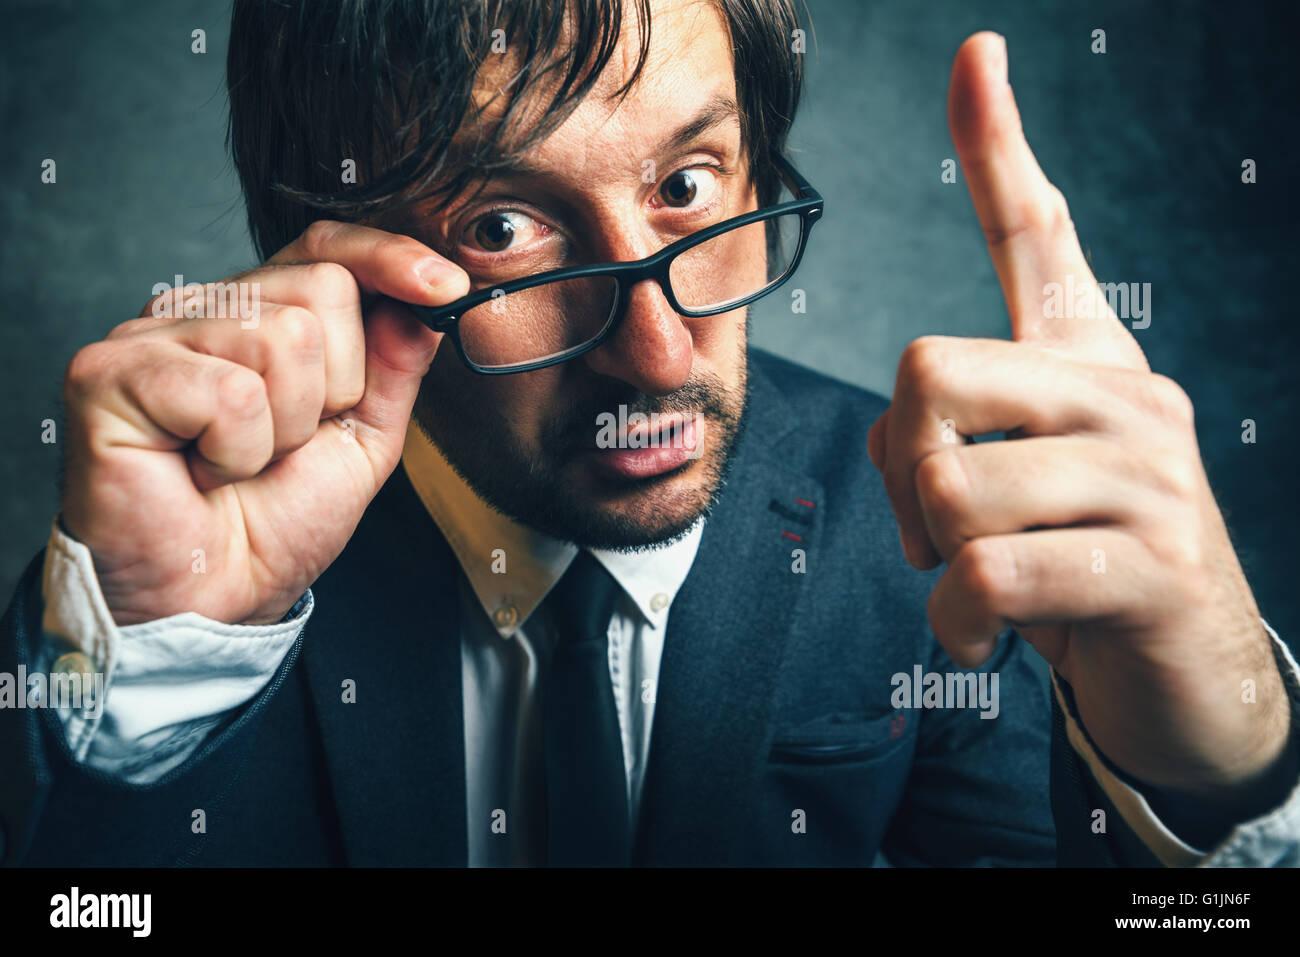 Enojado inspector fiscal busca seria y decidida, agresiva dedo amenazador empresario adulto con gafas Imagen De Stock